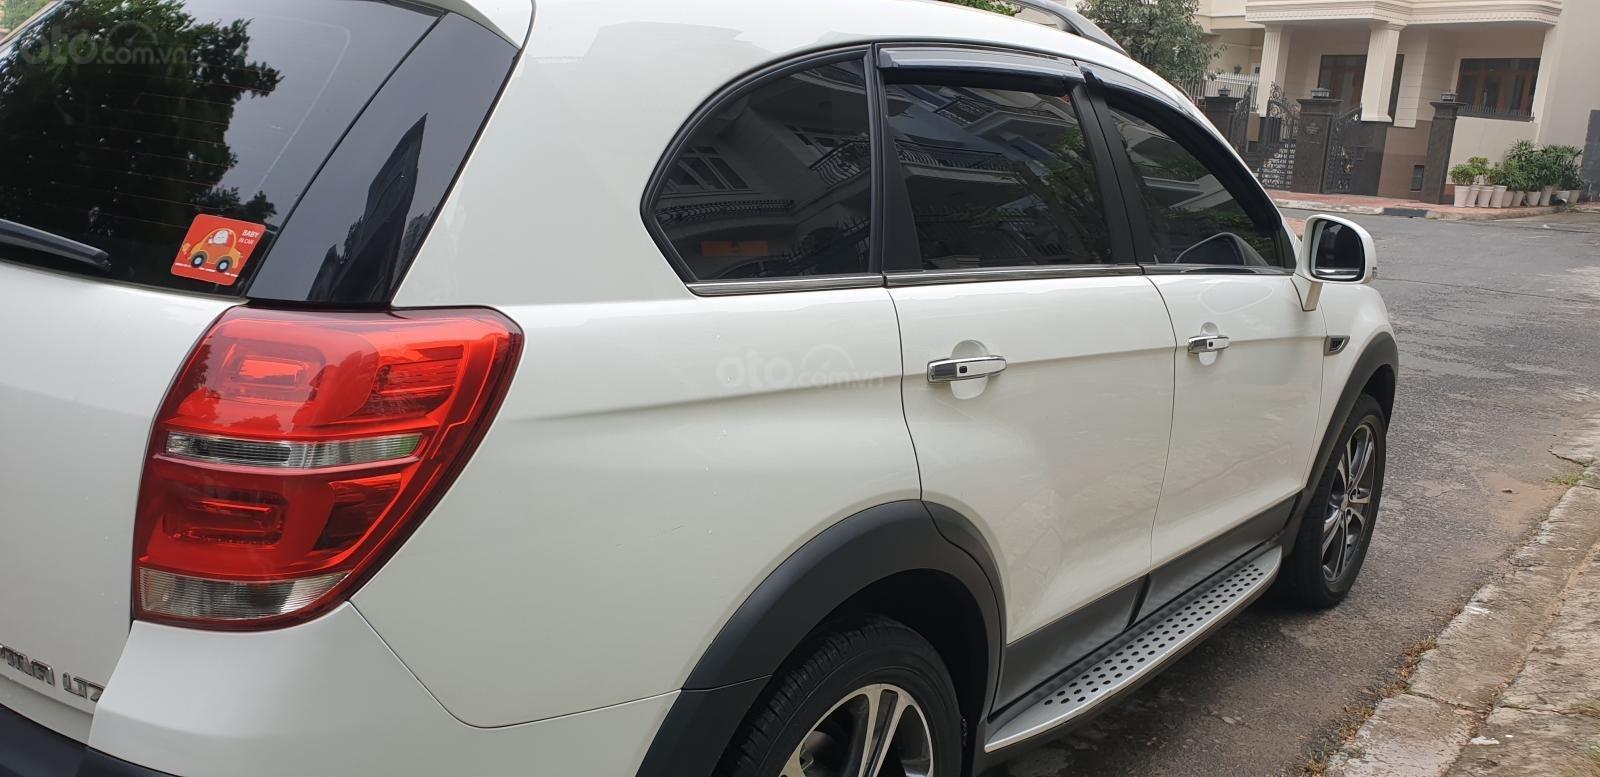 Bán Chevrolet Captiva LTZ máy Ecotec số tự động model 2016, SX T12/ 2015, màu trắng, đẹp mới 90% (9)